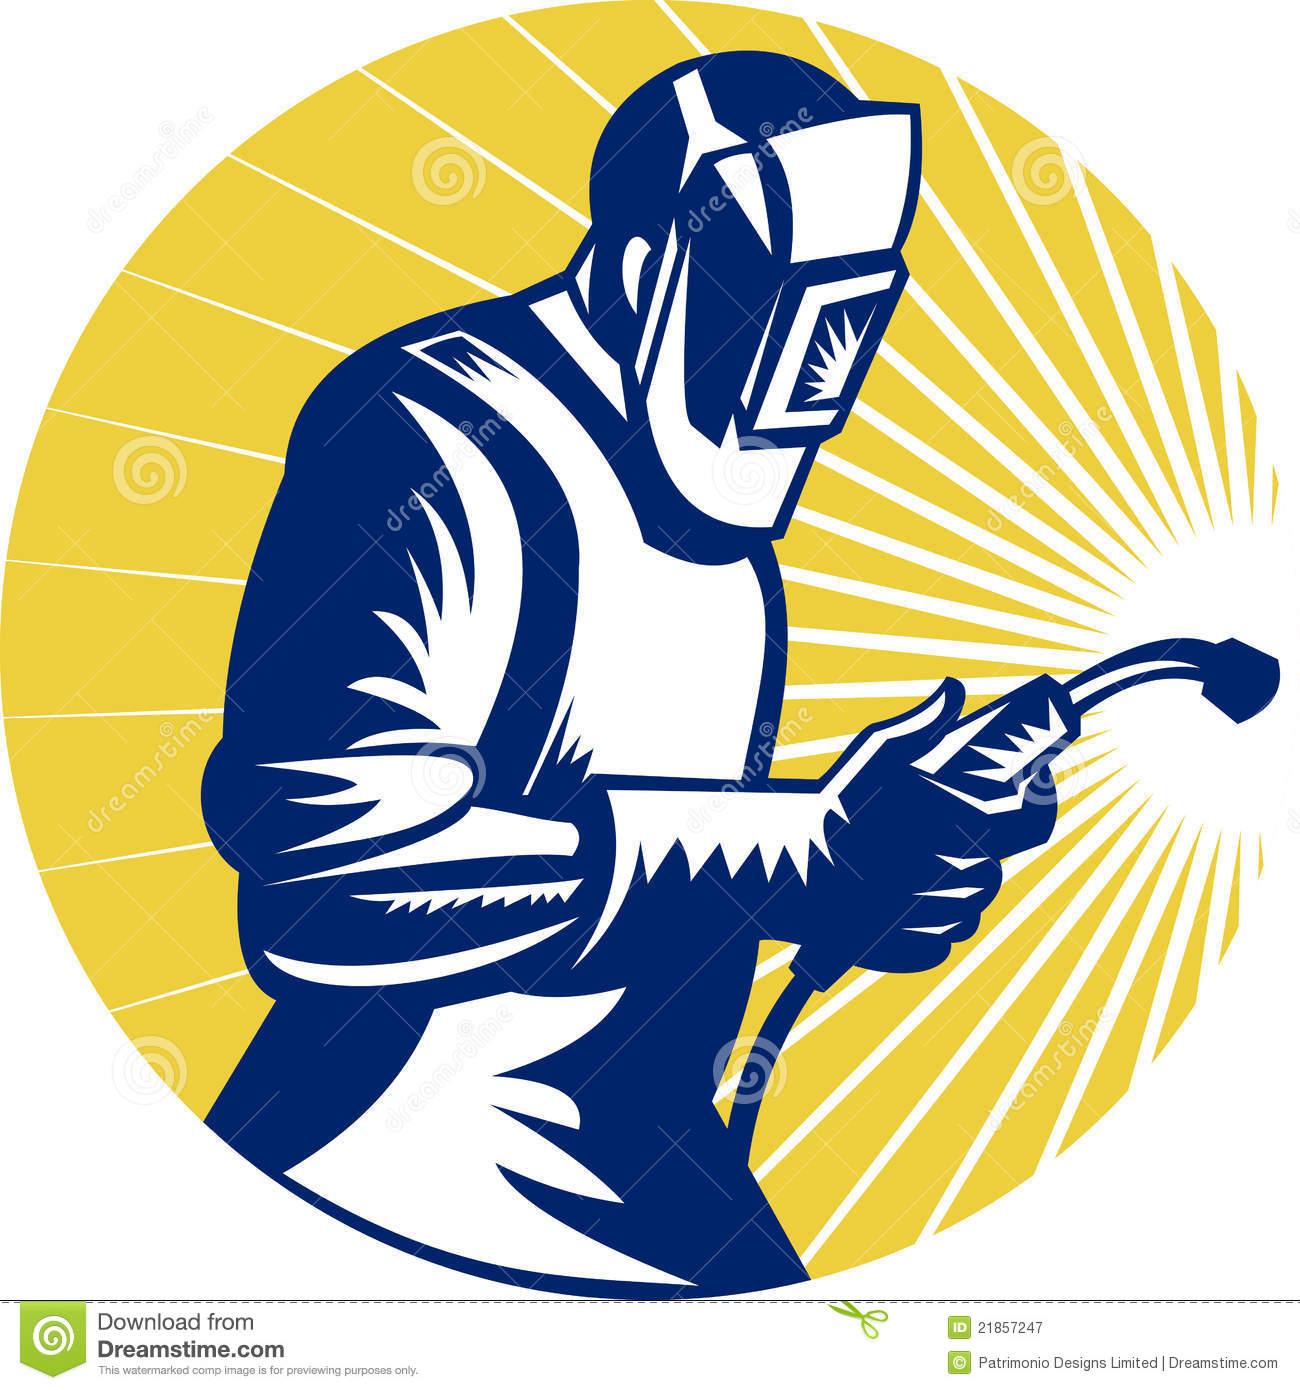 Welding Work Clipart.